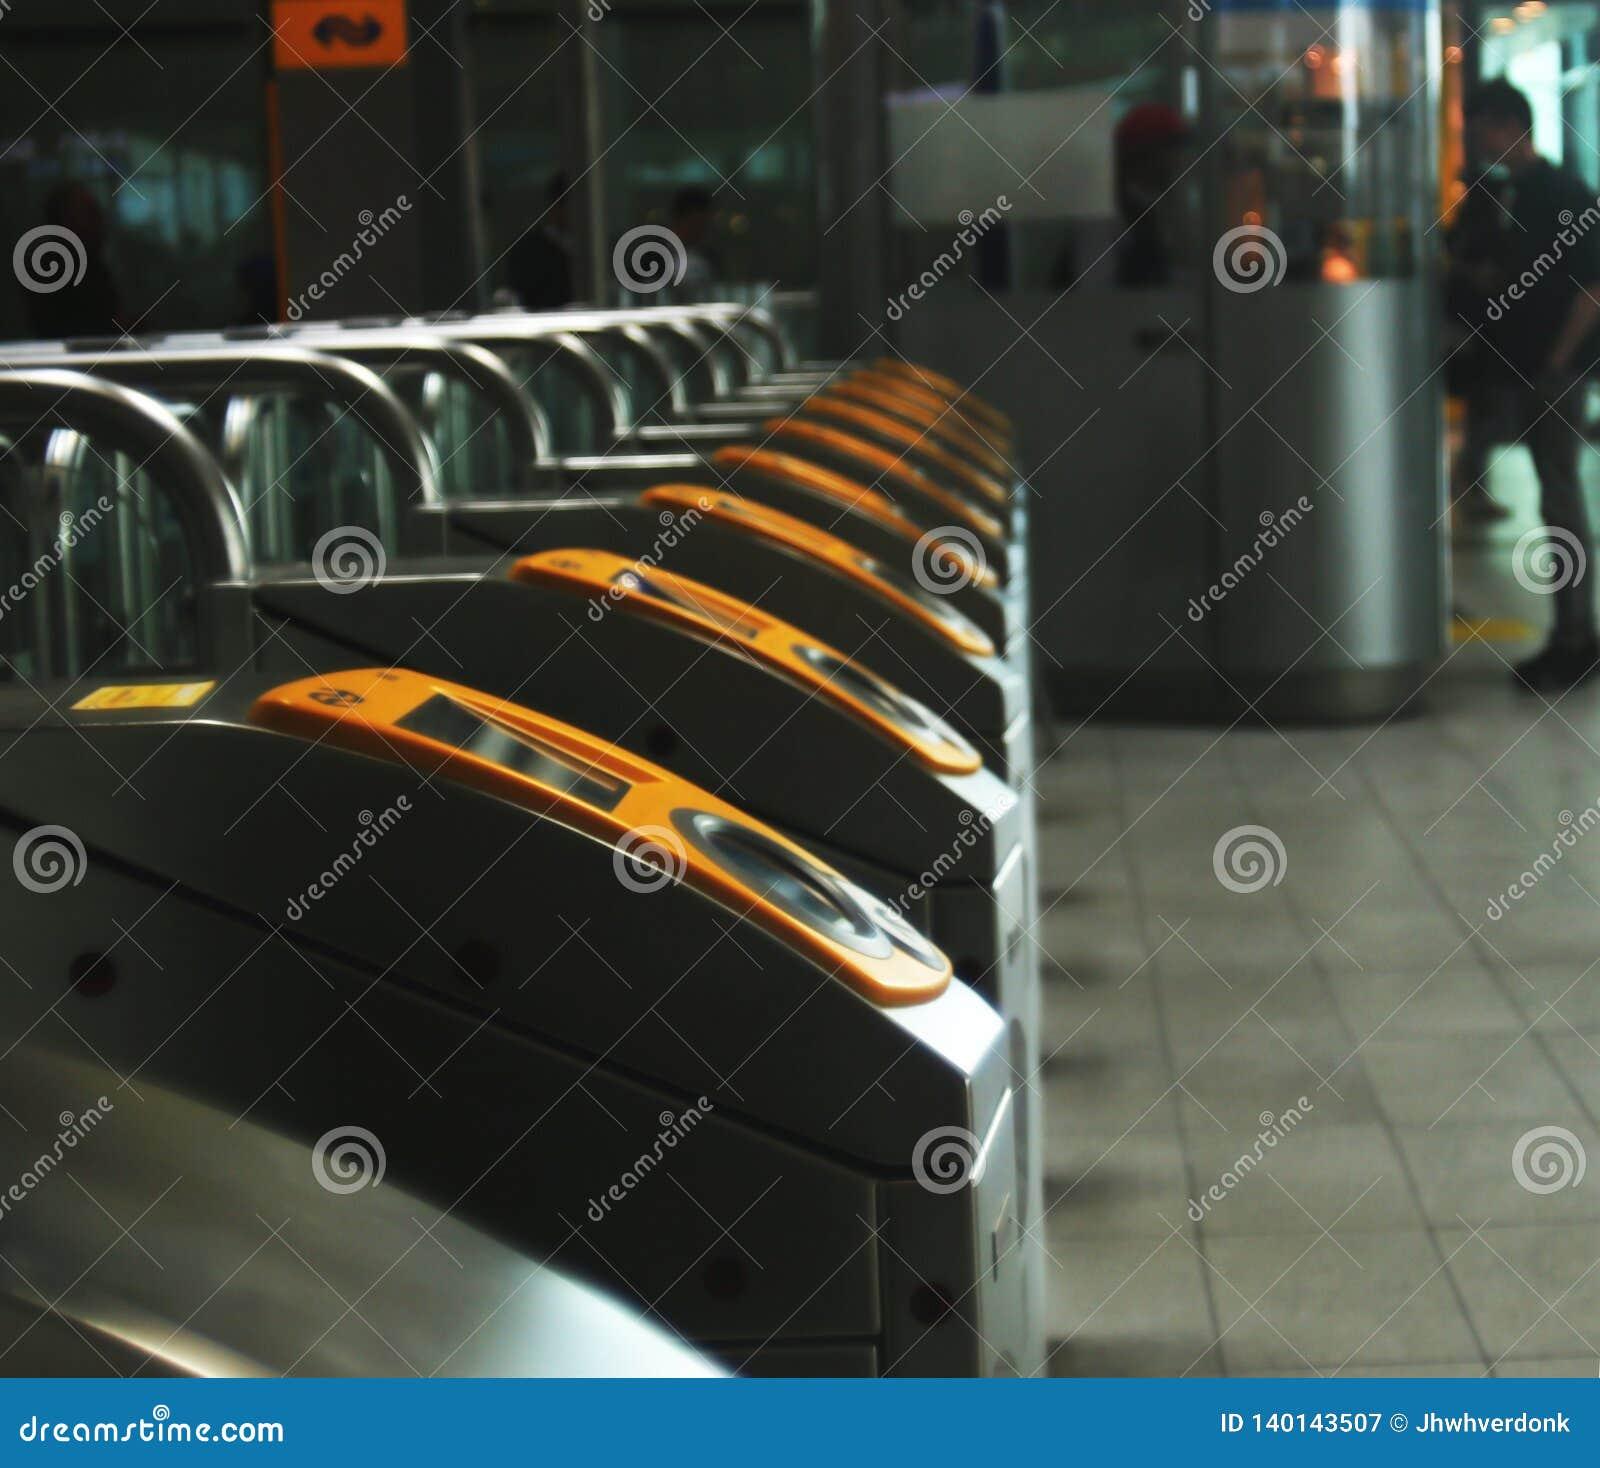 Utrecht, Нидерланд, 15-ое февраля 2019: sideview checkin и заканчивать связь ворота центрального вокзала NS utrecht